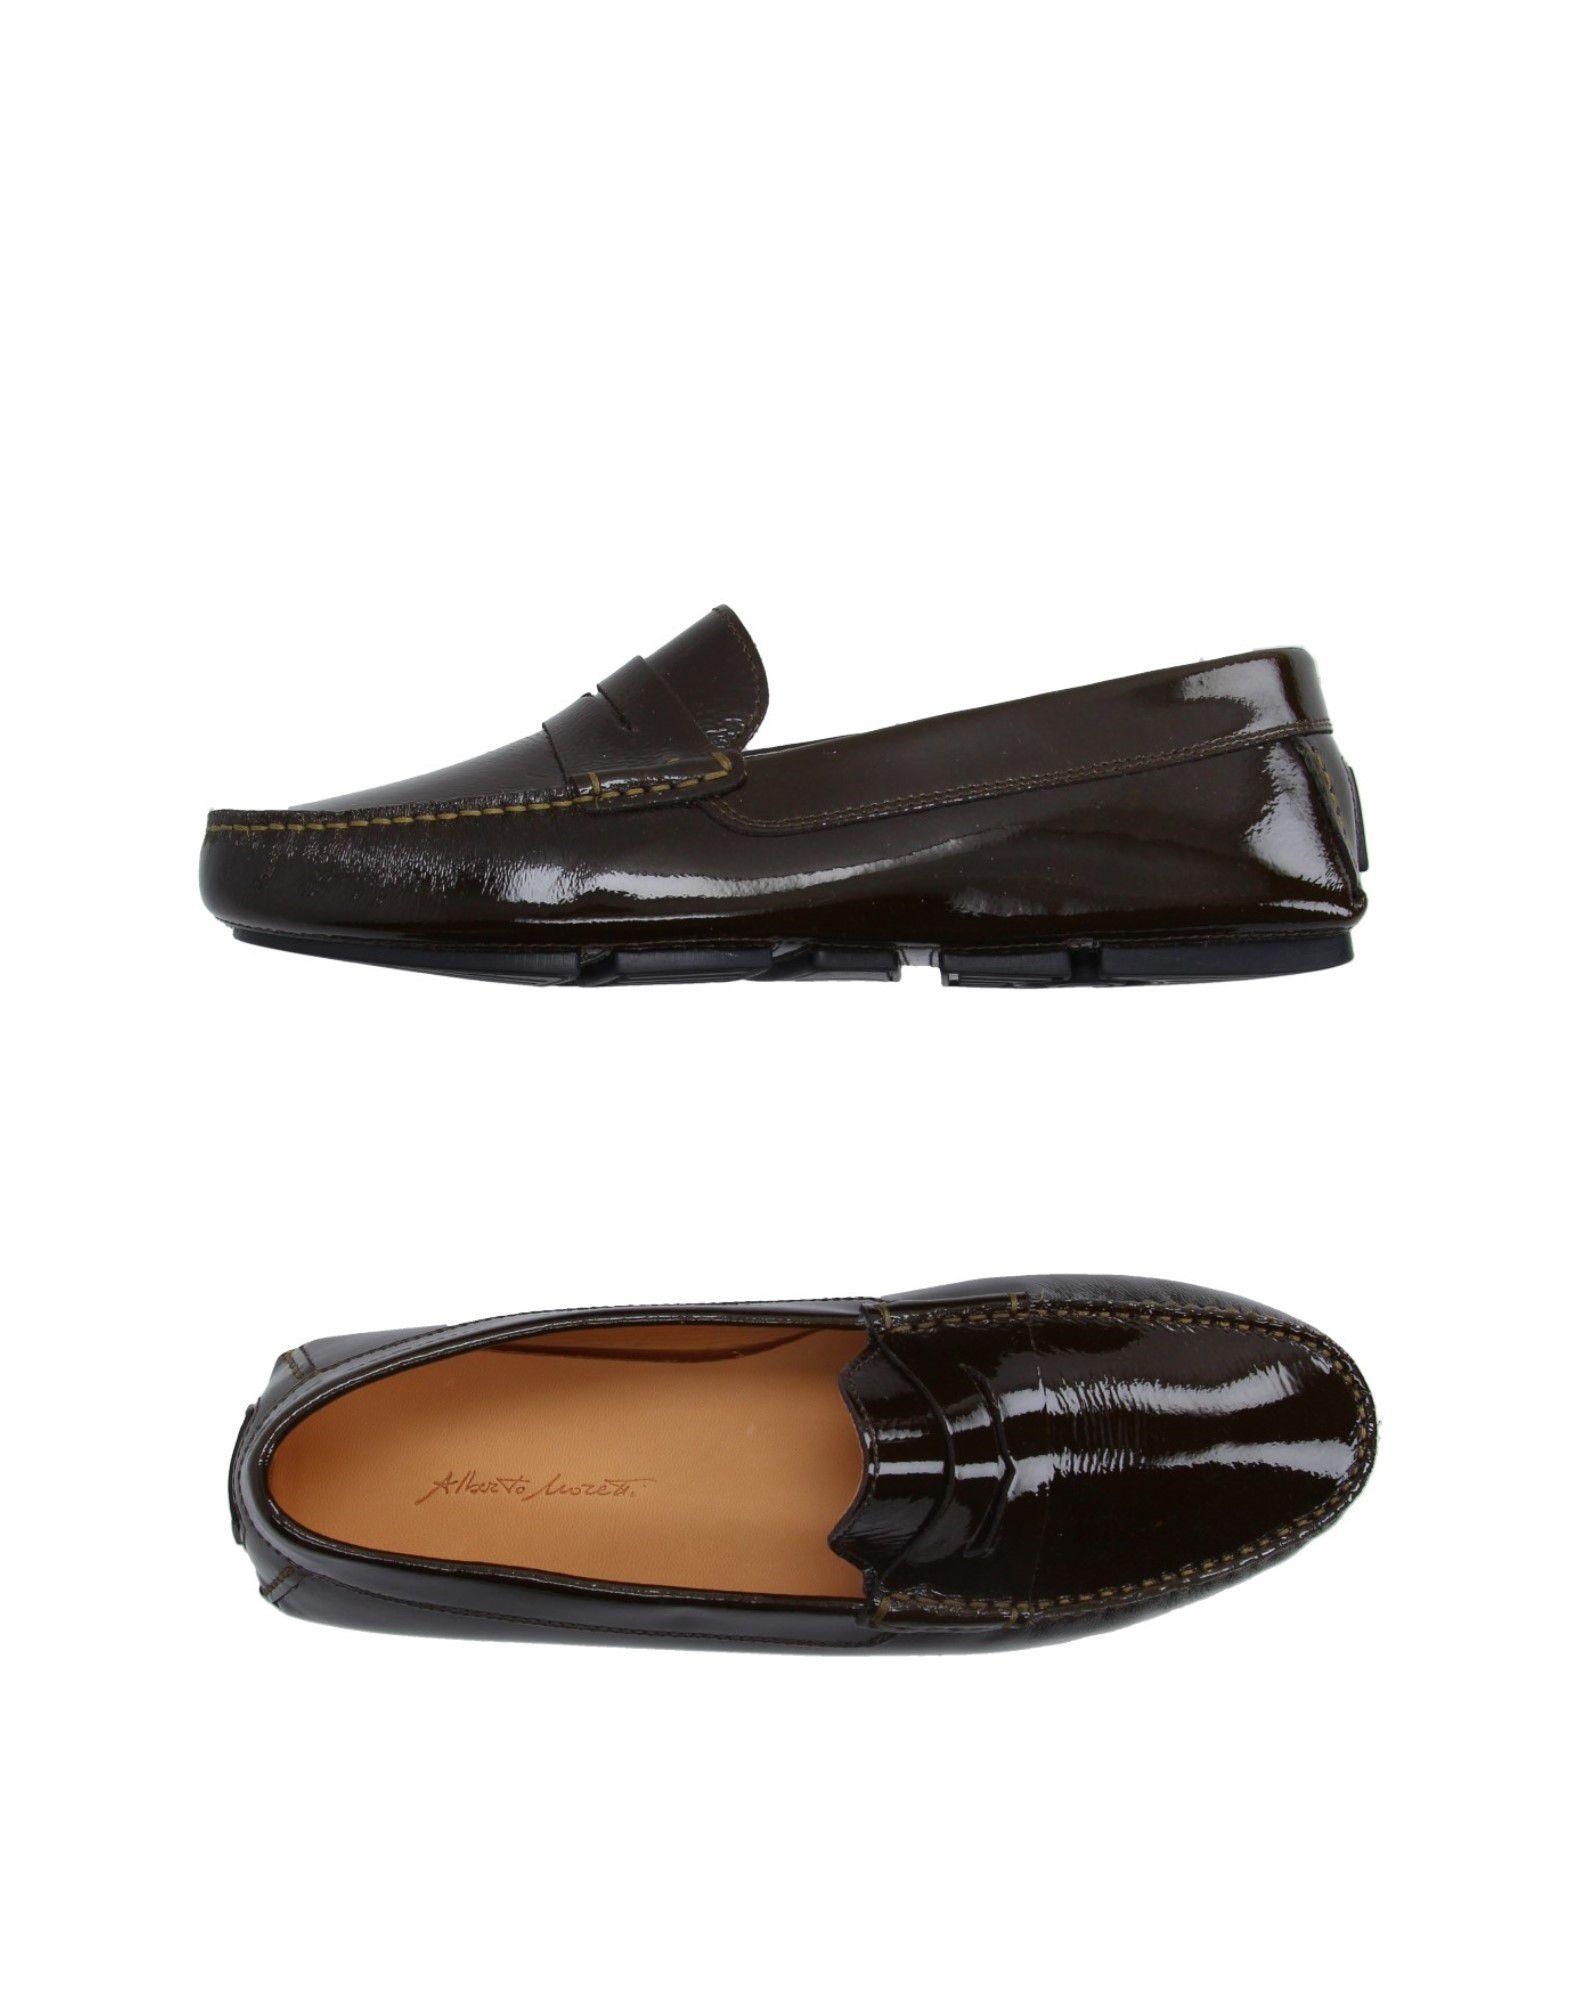 Alberto Moretti Women S Shoes